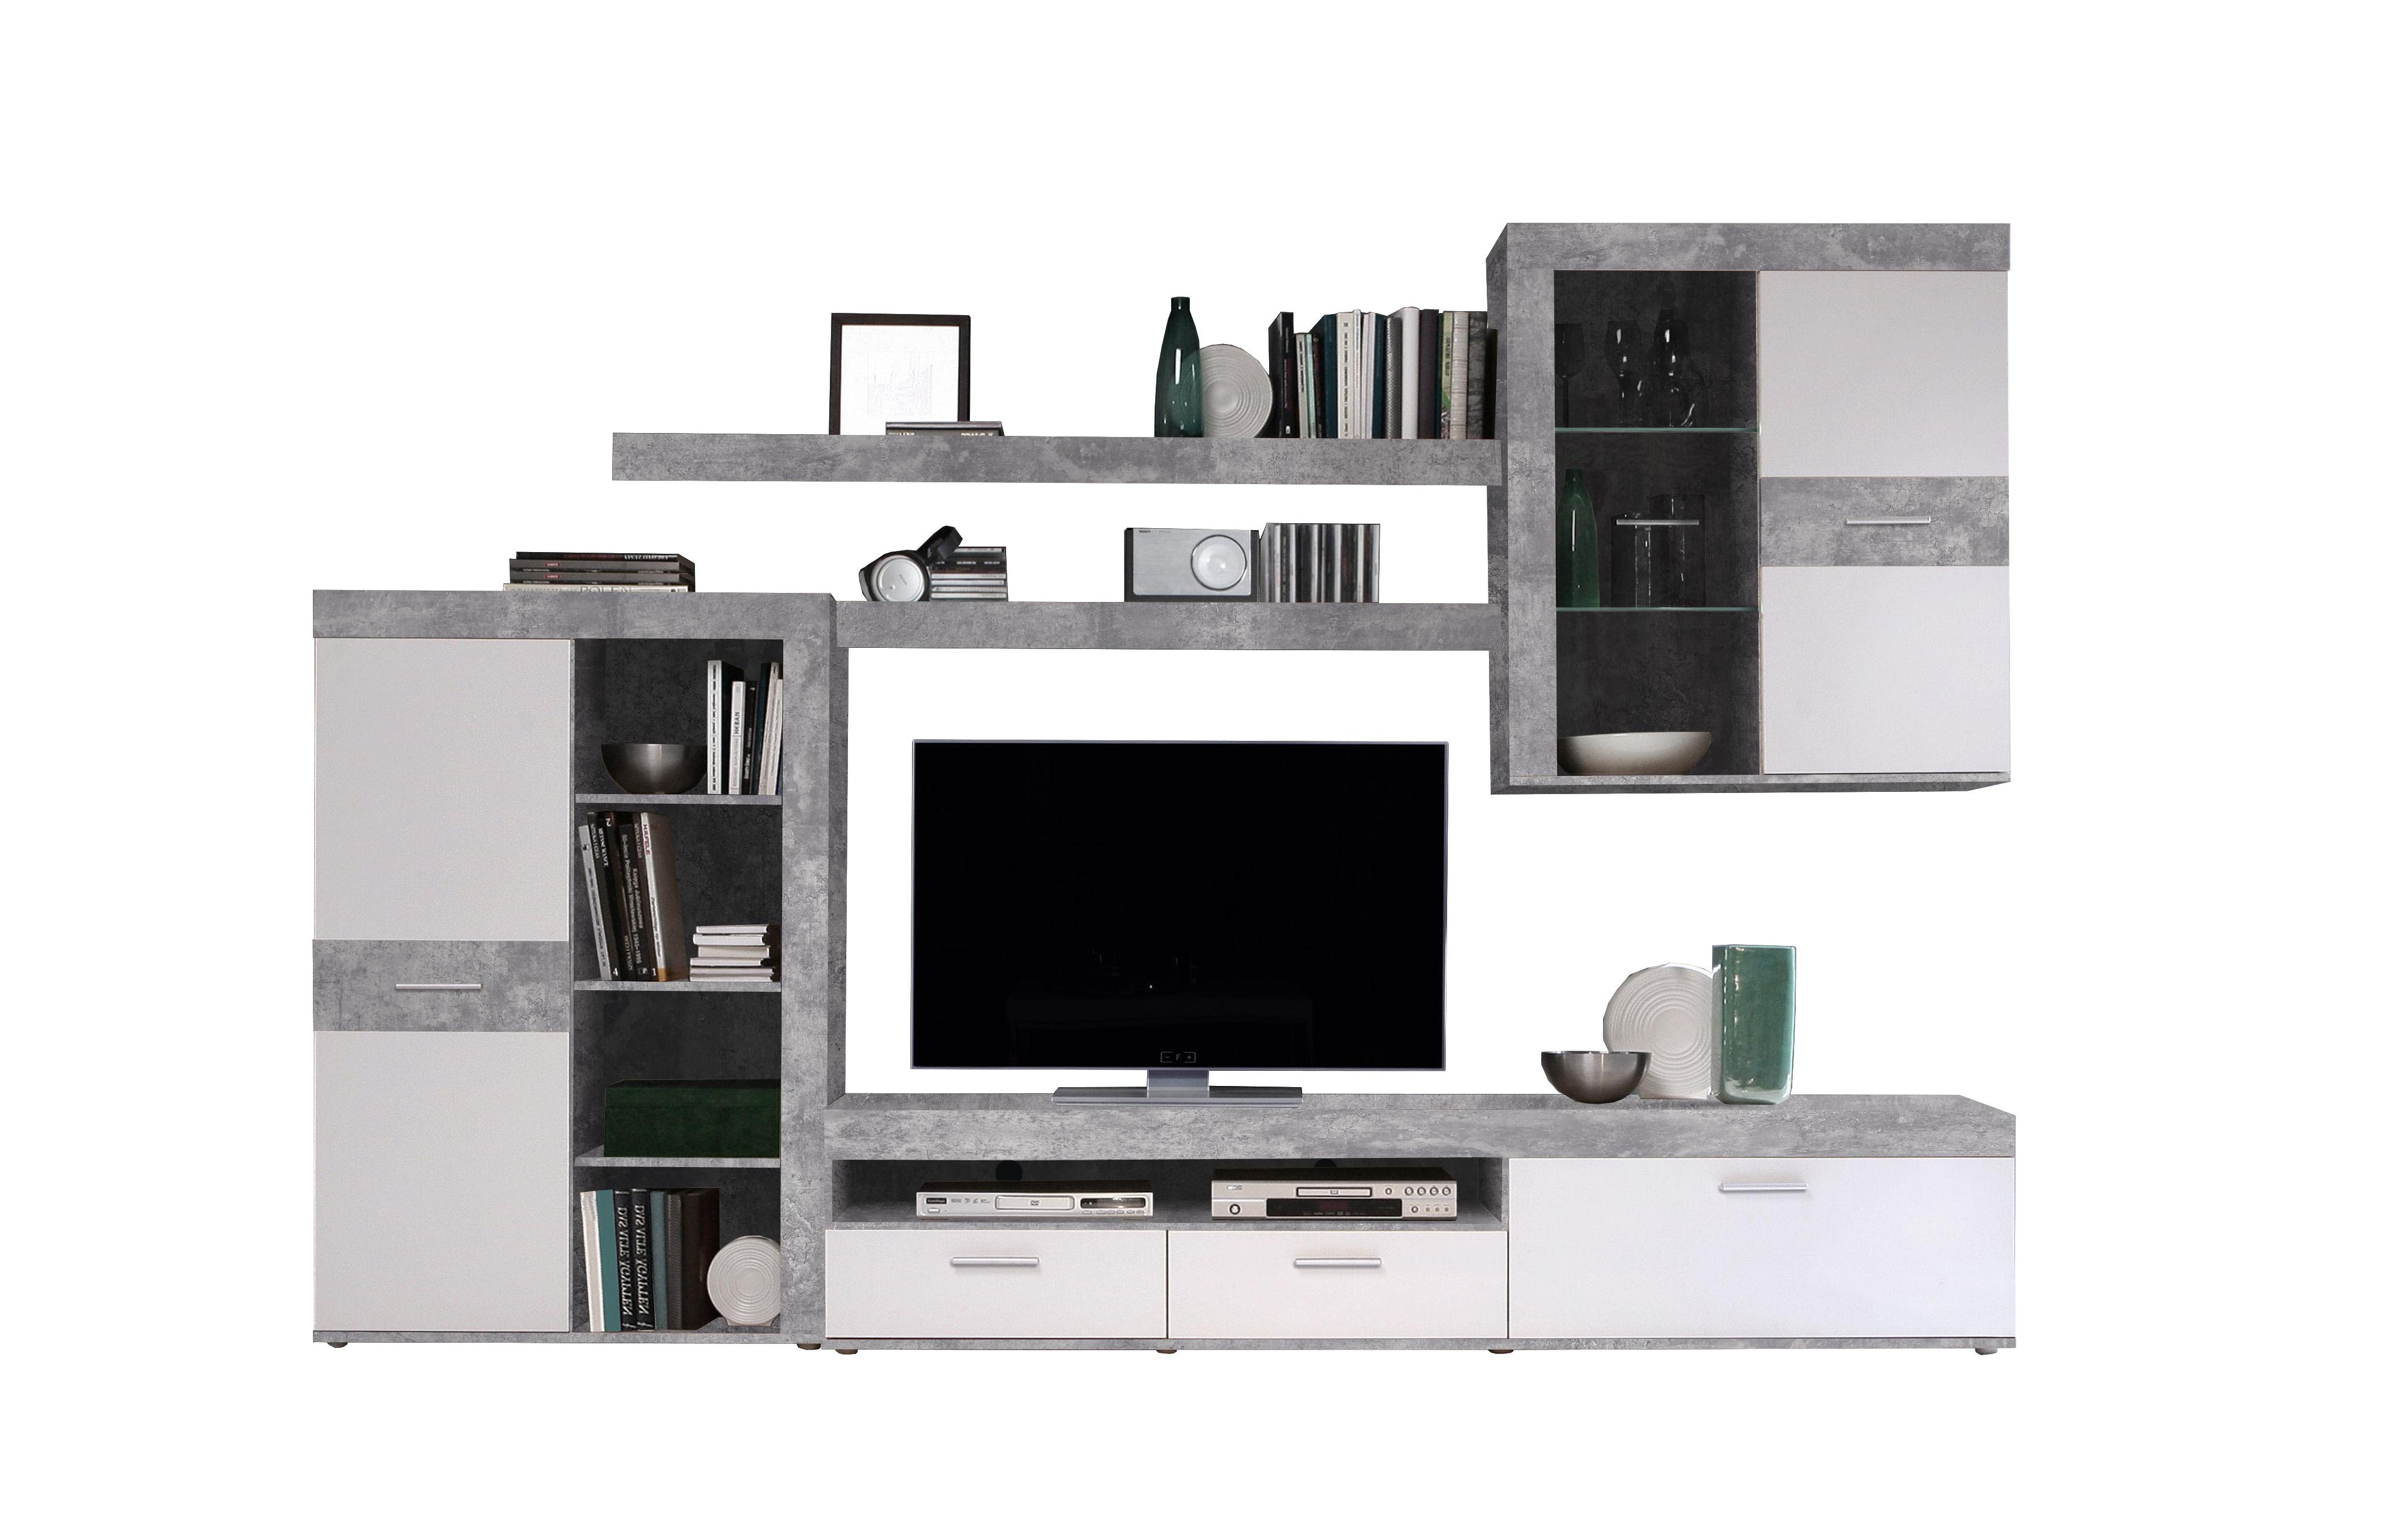 wohnwand inkl beleuchtung zumba von forte beton weiss. Black Bedroom Furniture Sets. Home Design Ideas